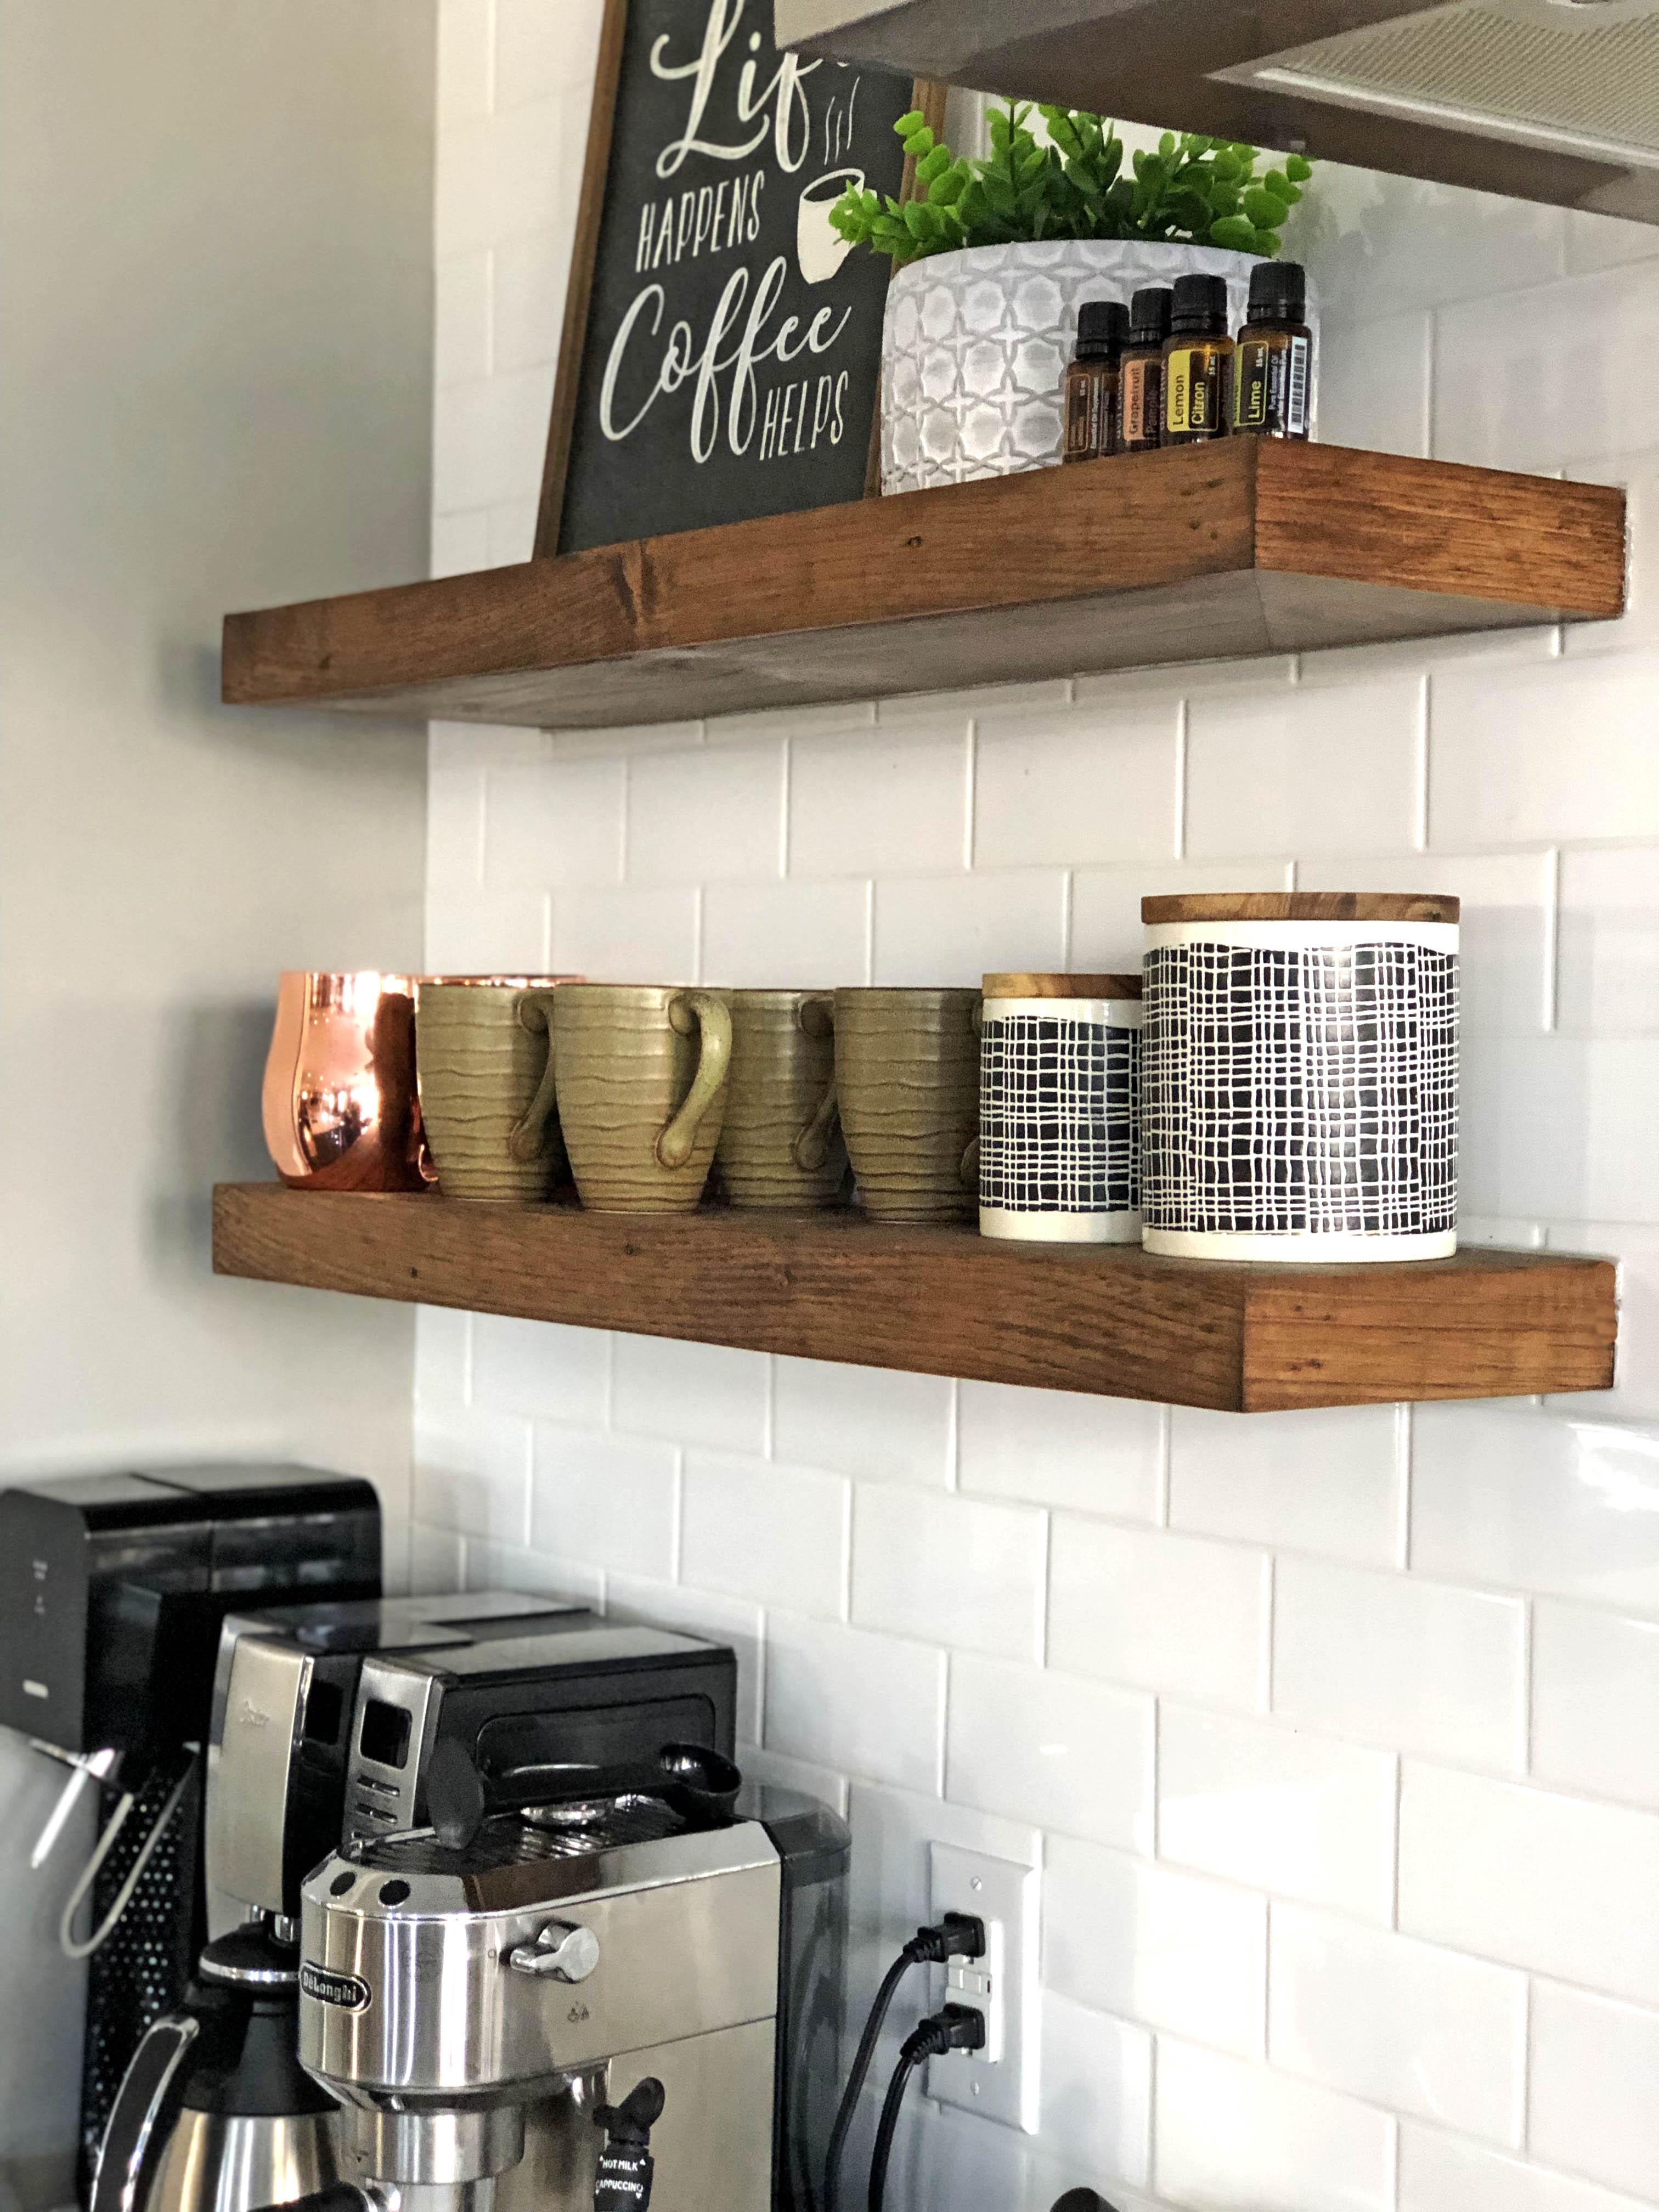 Floating Hemlock Shelves